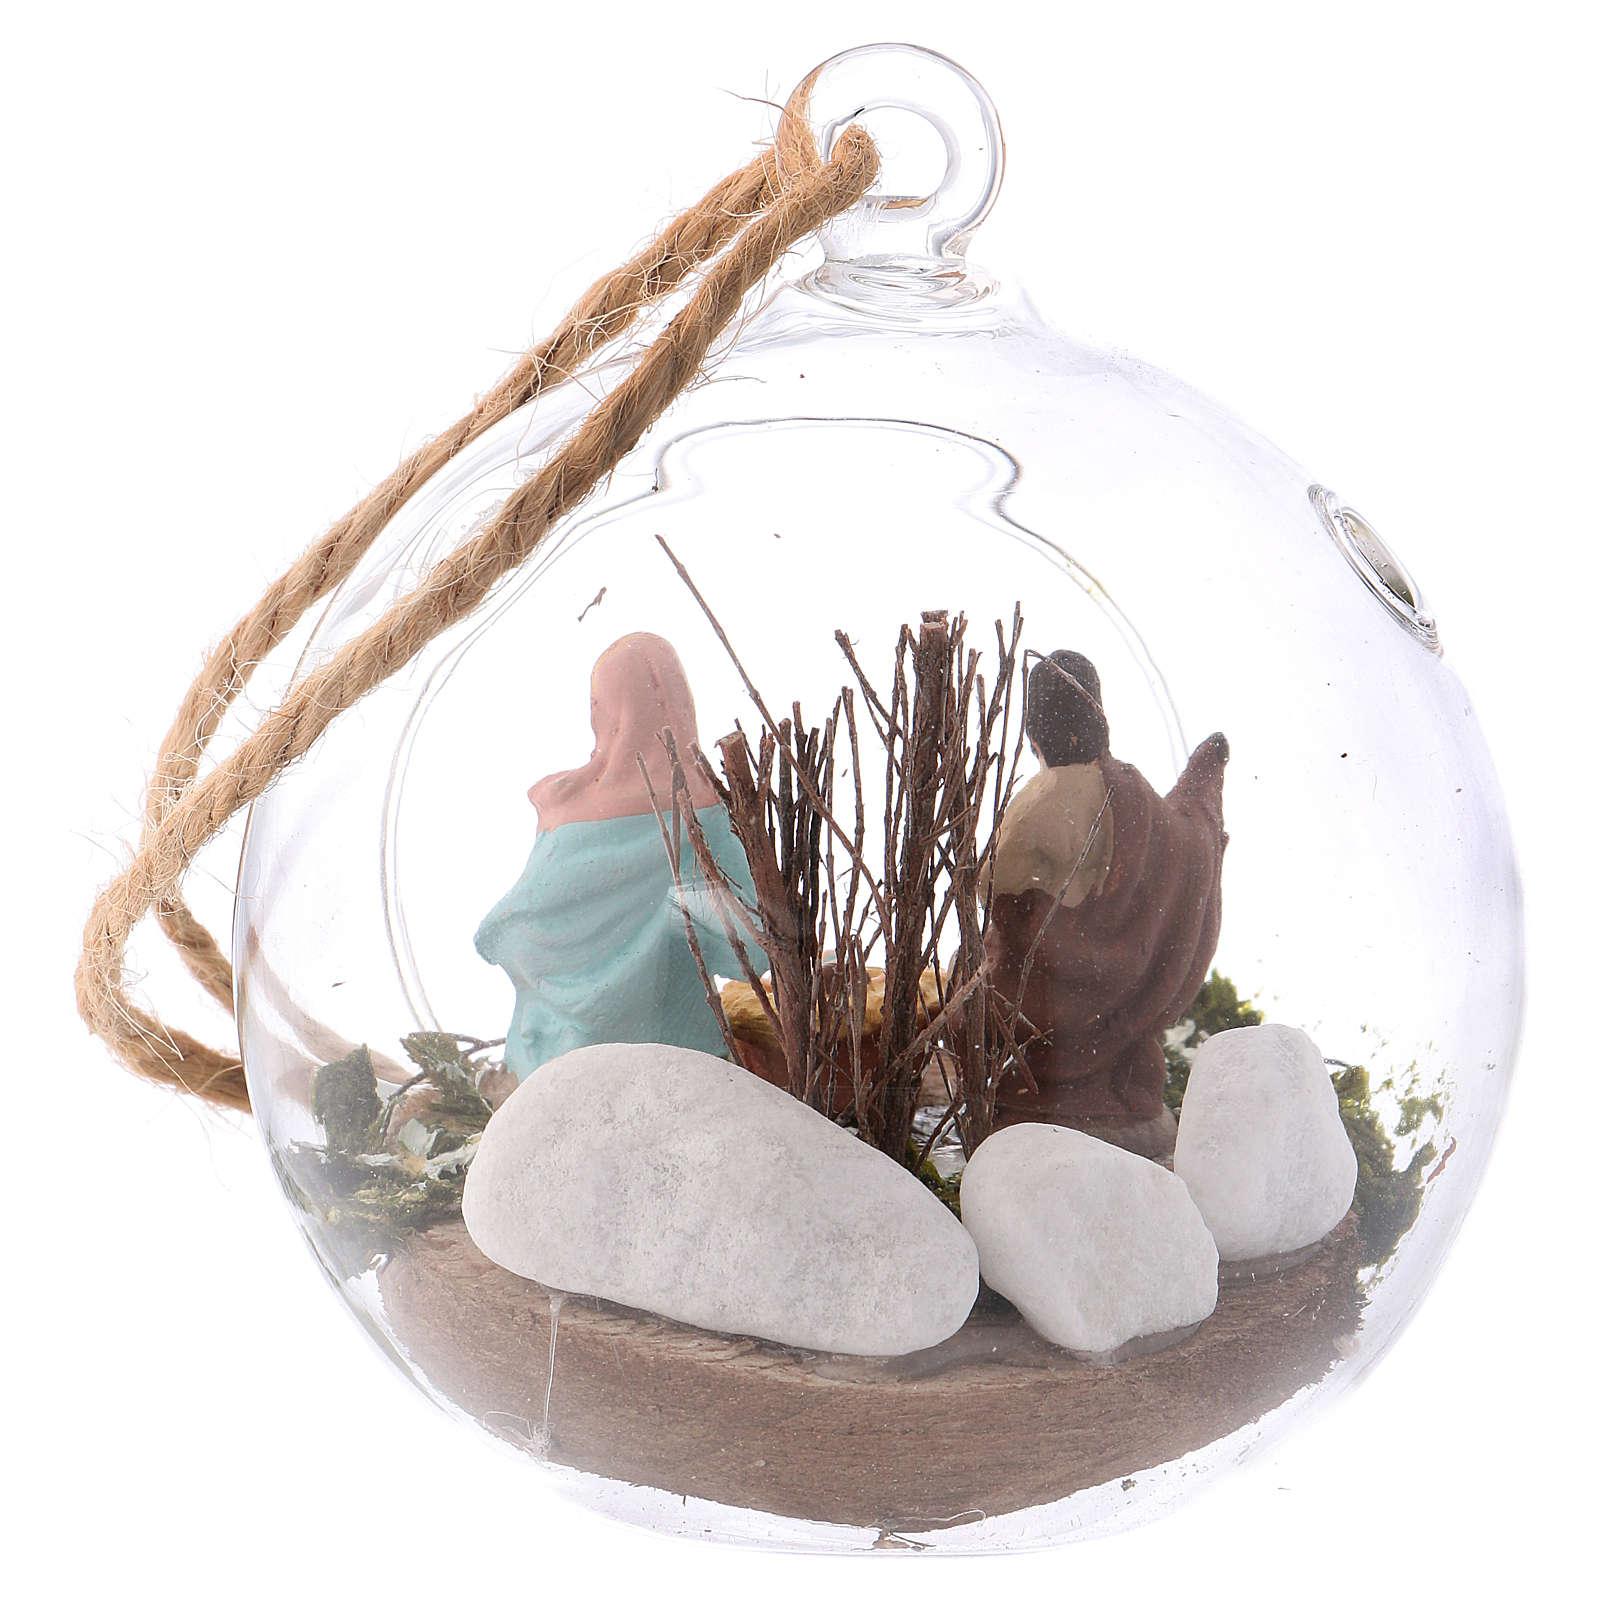 Presepe 4 cm terracotta Deruta all'interno di una sfera di vetro 10x10x10 cm 4